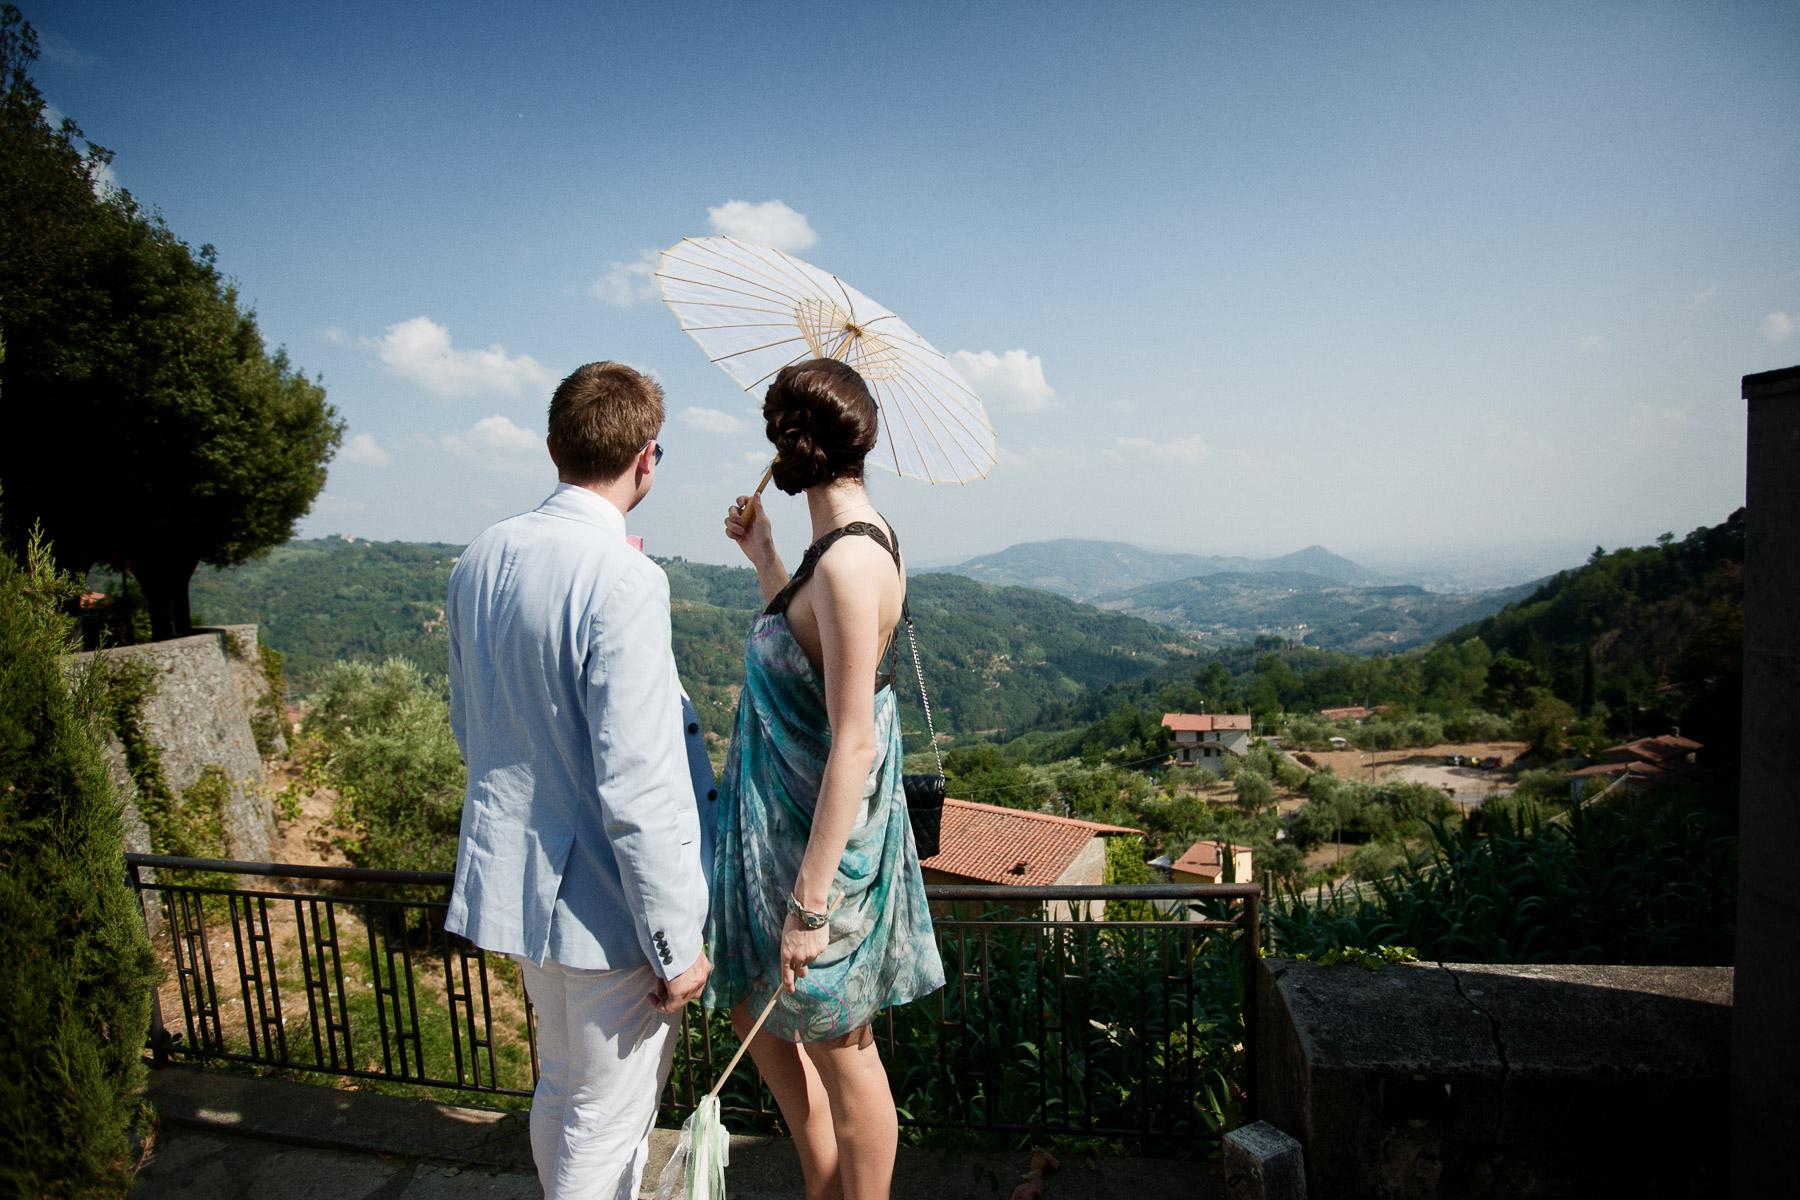 wedding portfolio 25-09-17  020.jpg